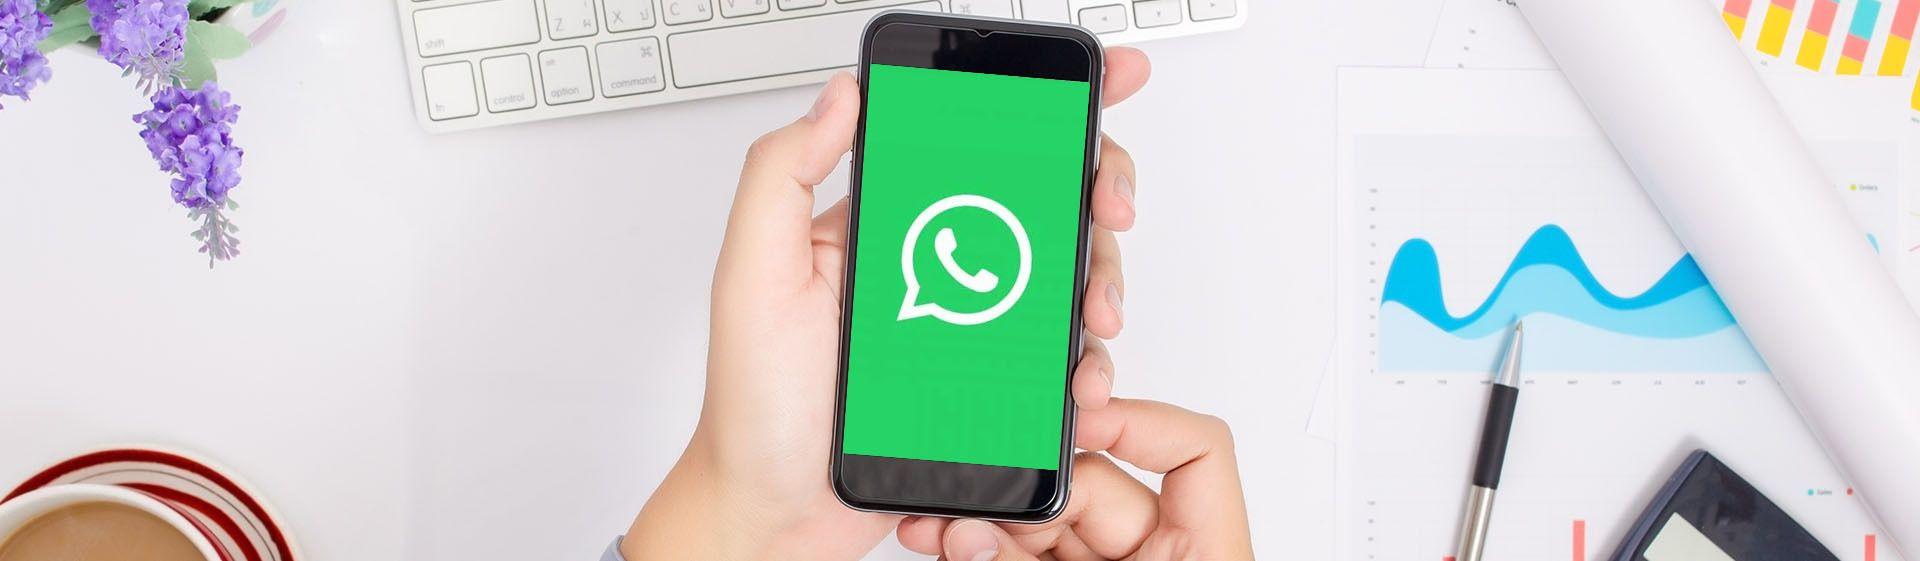 Como usar duas contas do WhatsApp no mesmo celular?